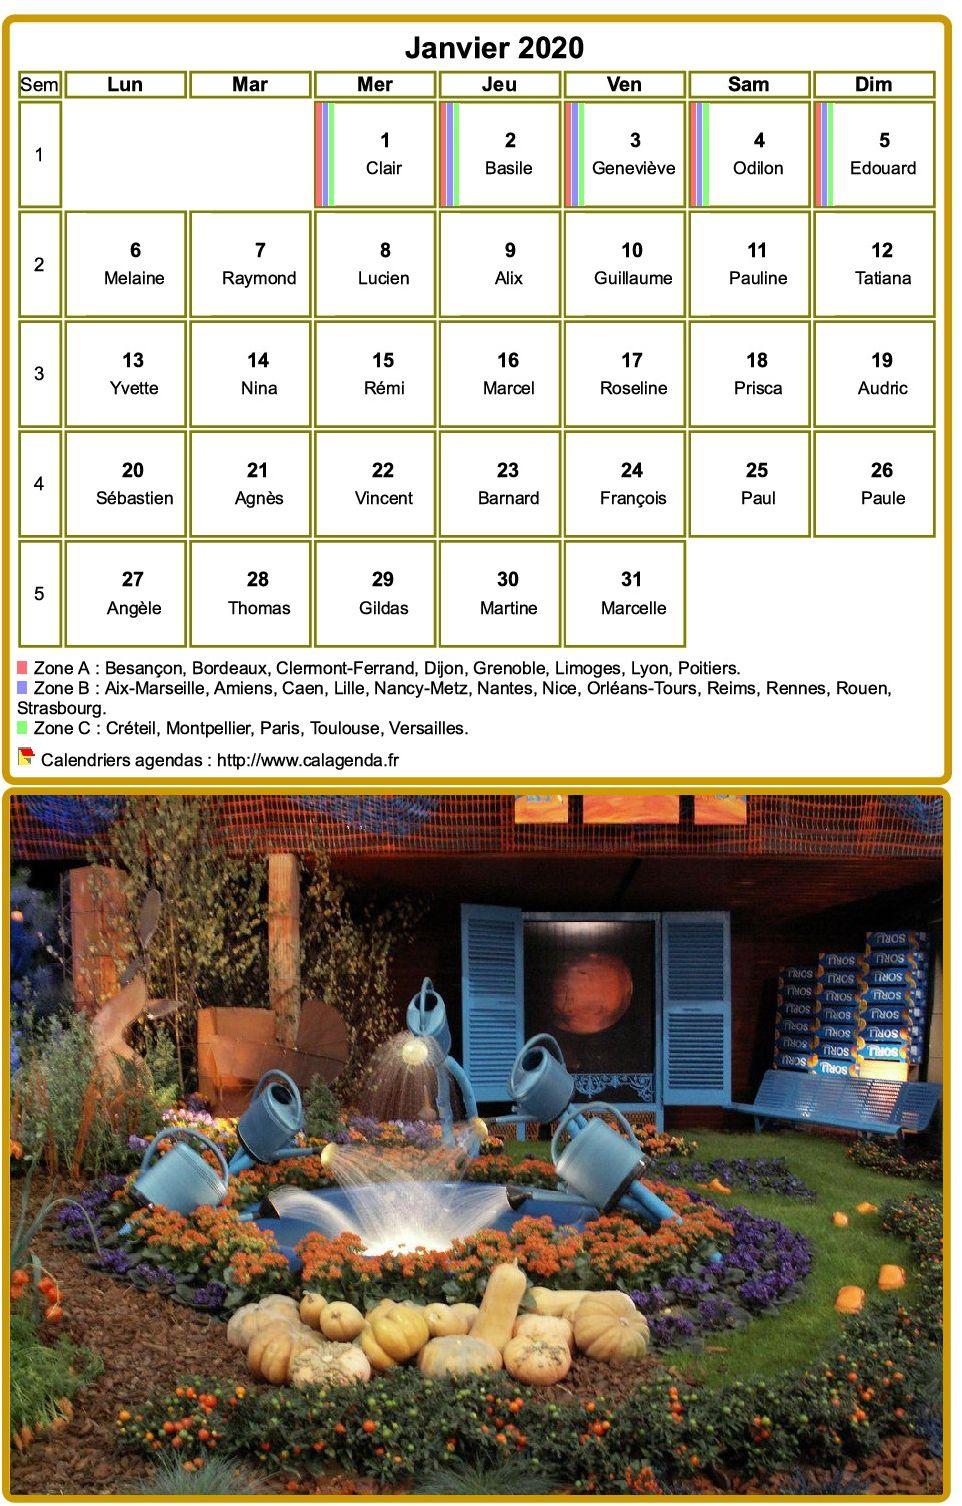 Calendrier mensuel 2020 à imprimer, avec photographie au dessous